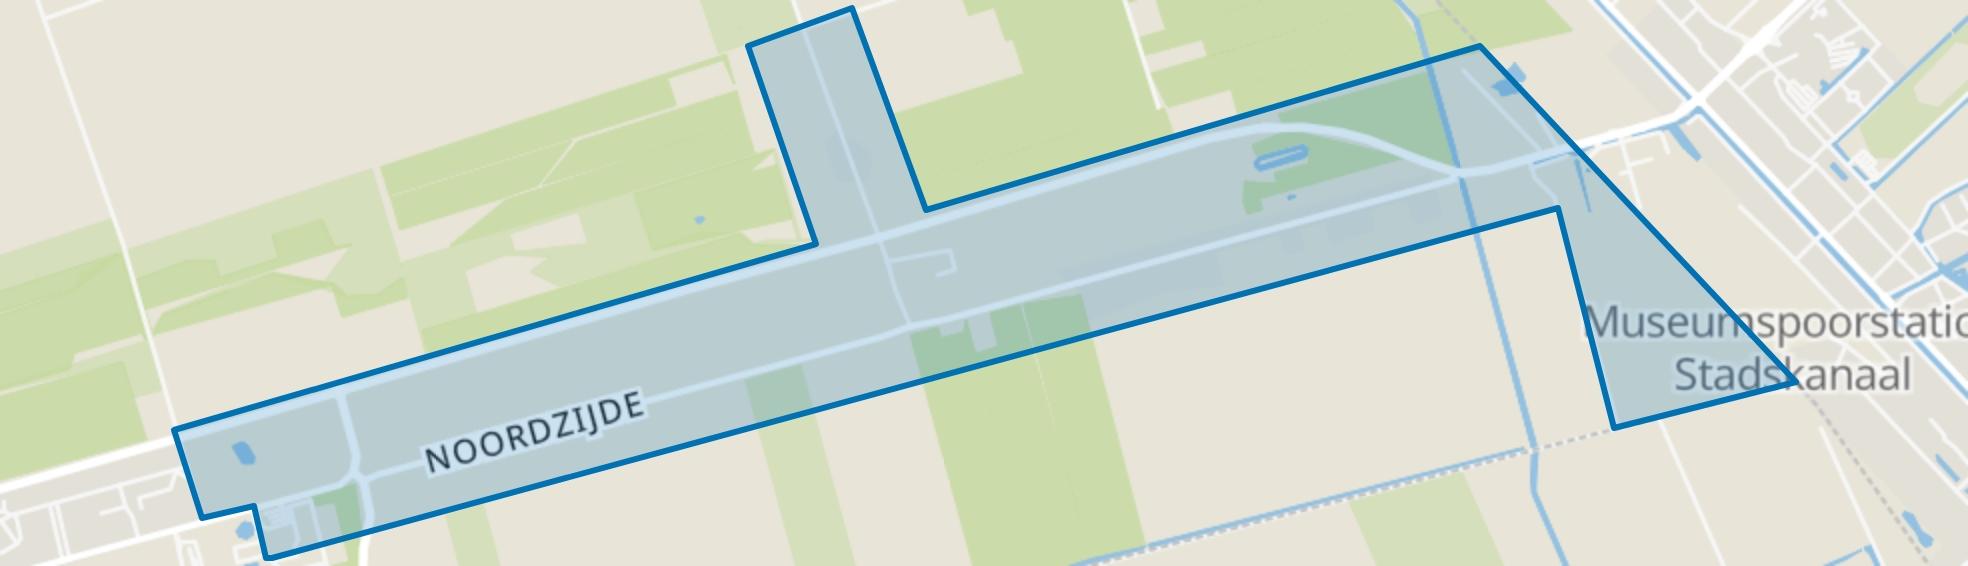 Gasselternijveenschemond, Gasselternijveenschemond map